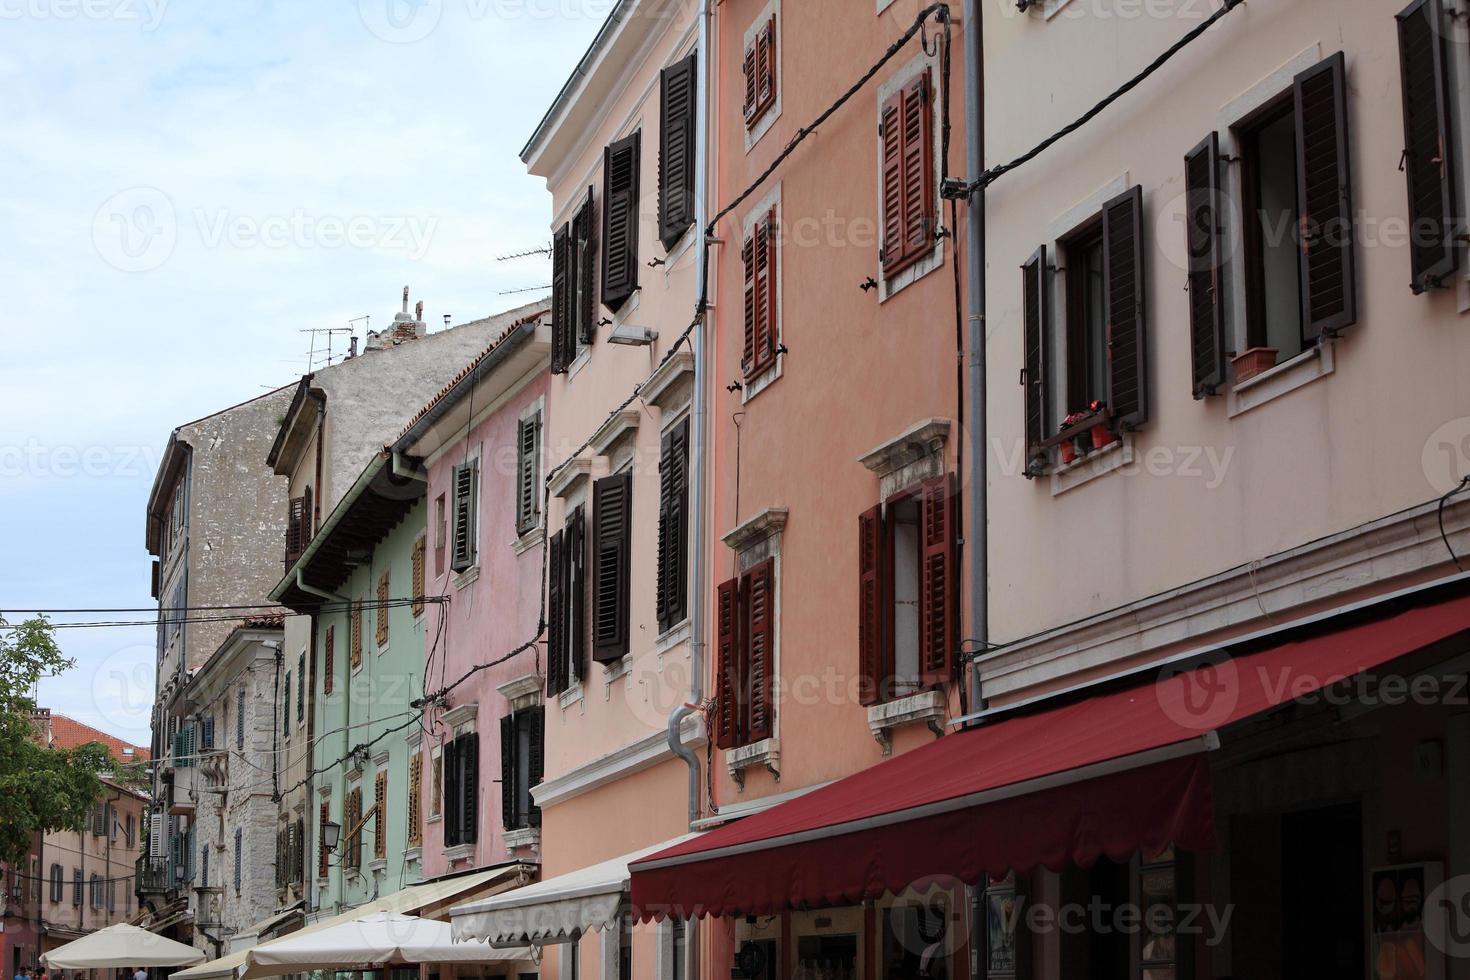 hausfassaden und fenster i der altstadt von pula i kroatien foto